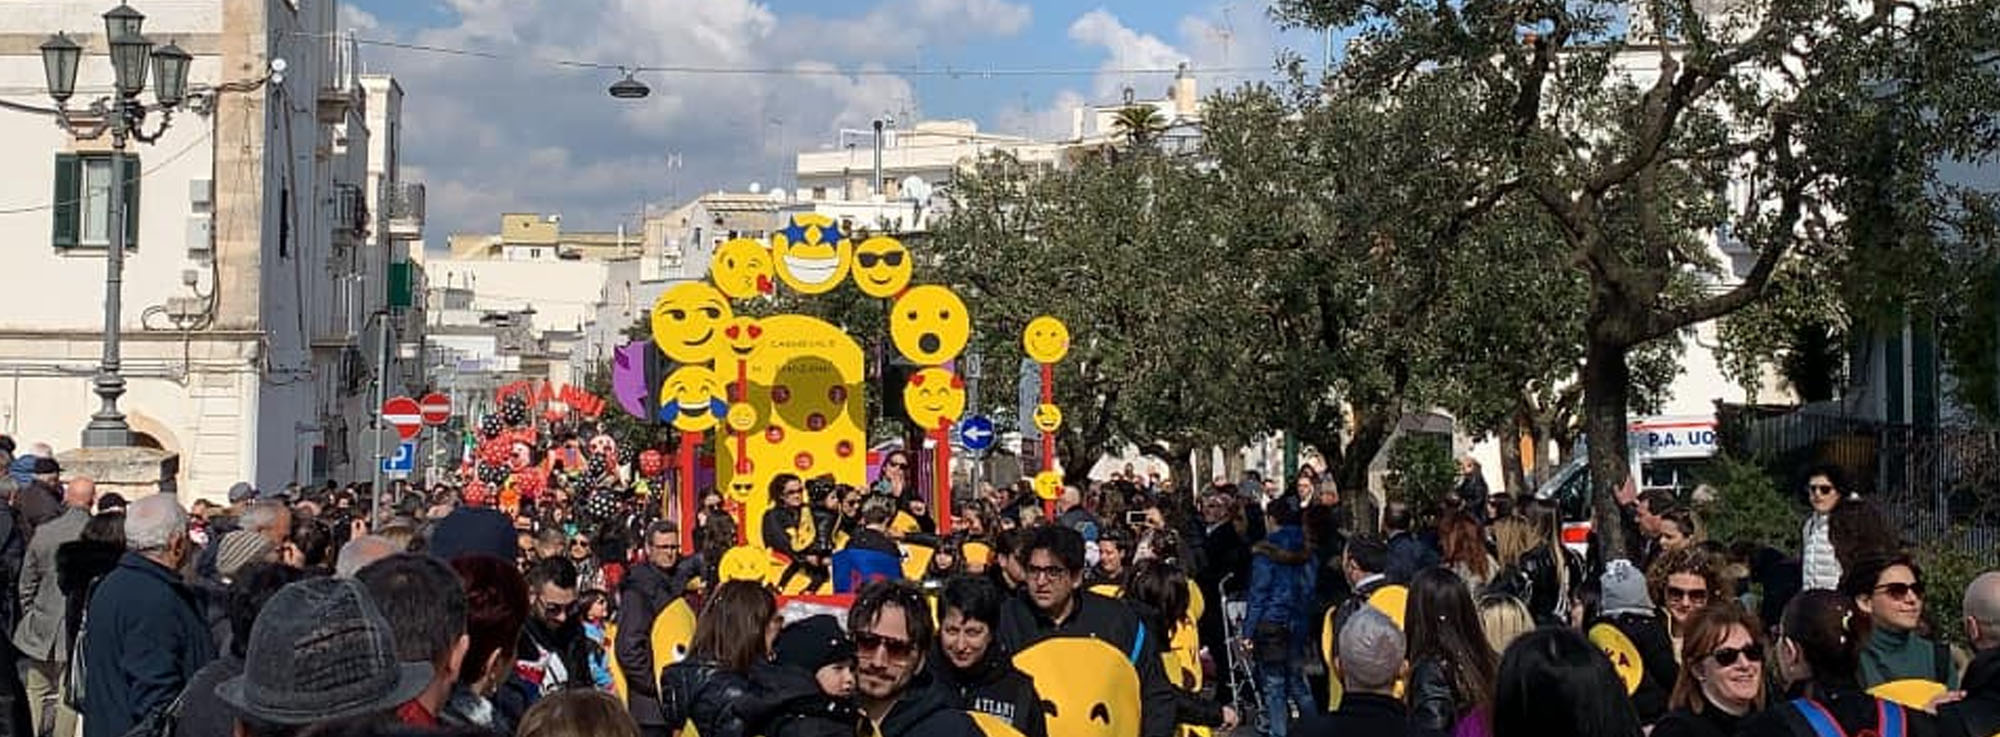 Locorotondo: Carnevale di Locorotondo